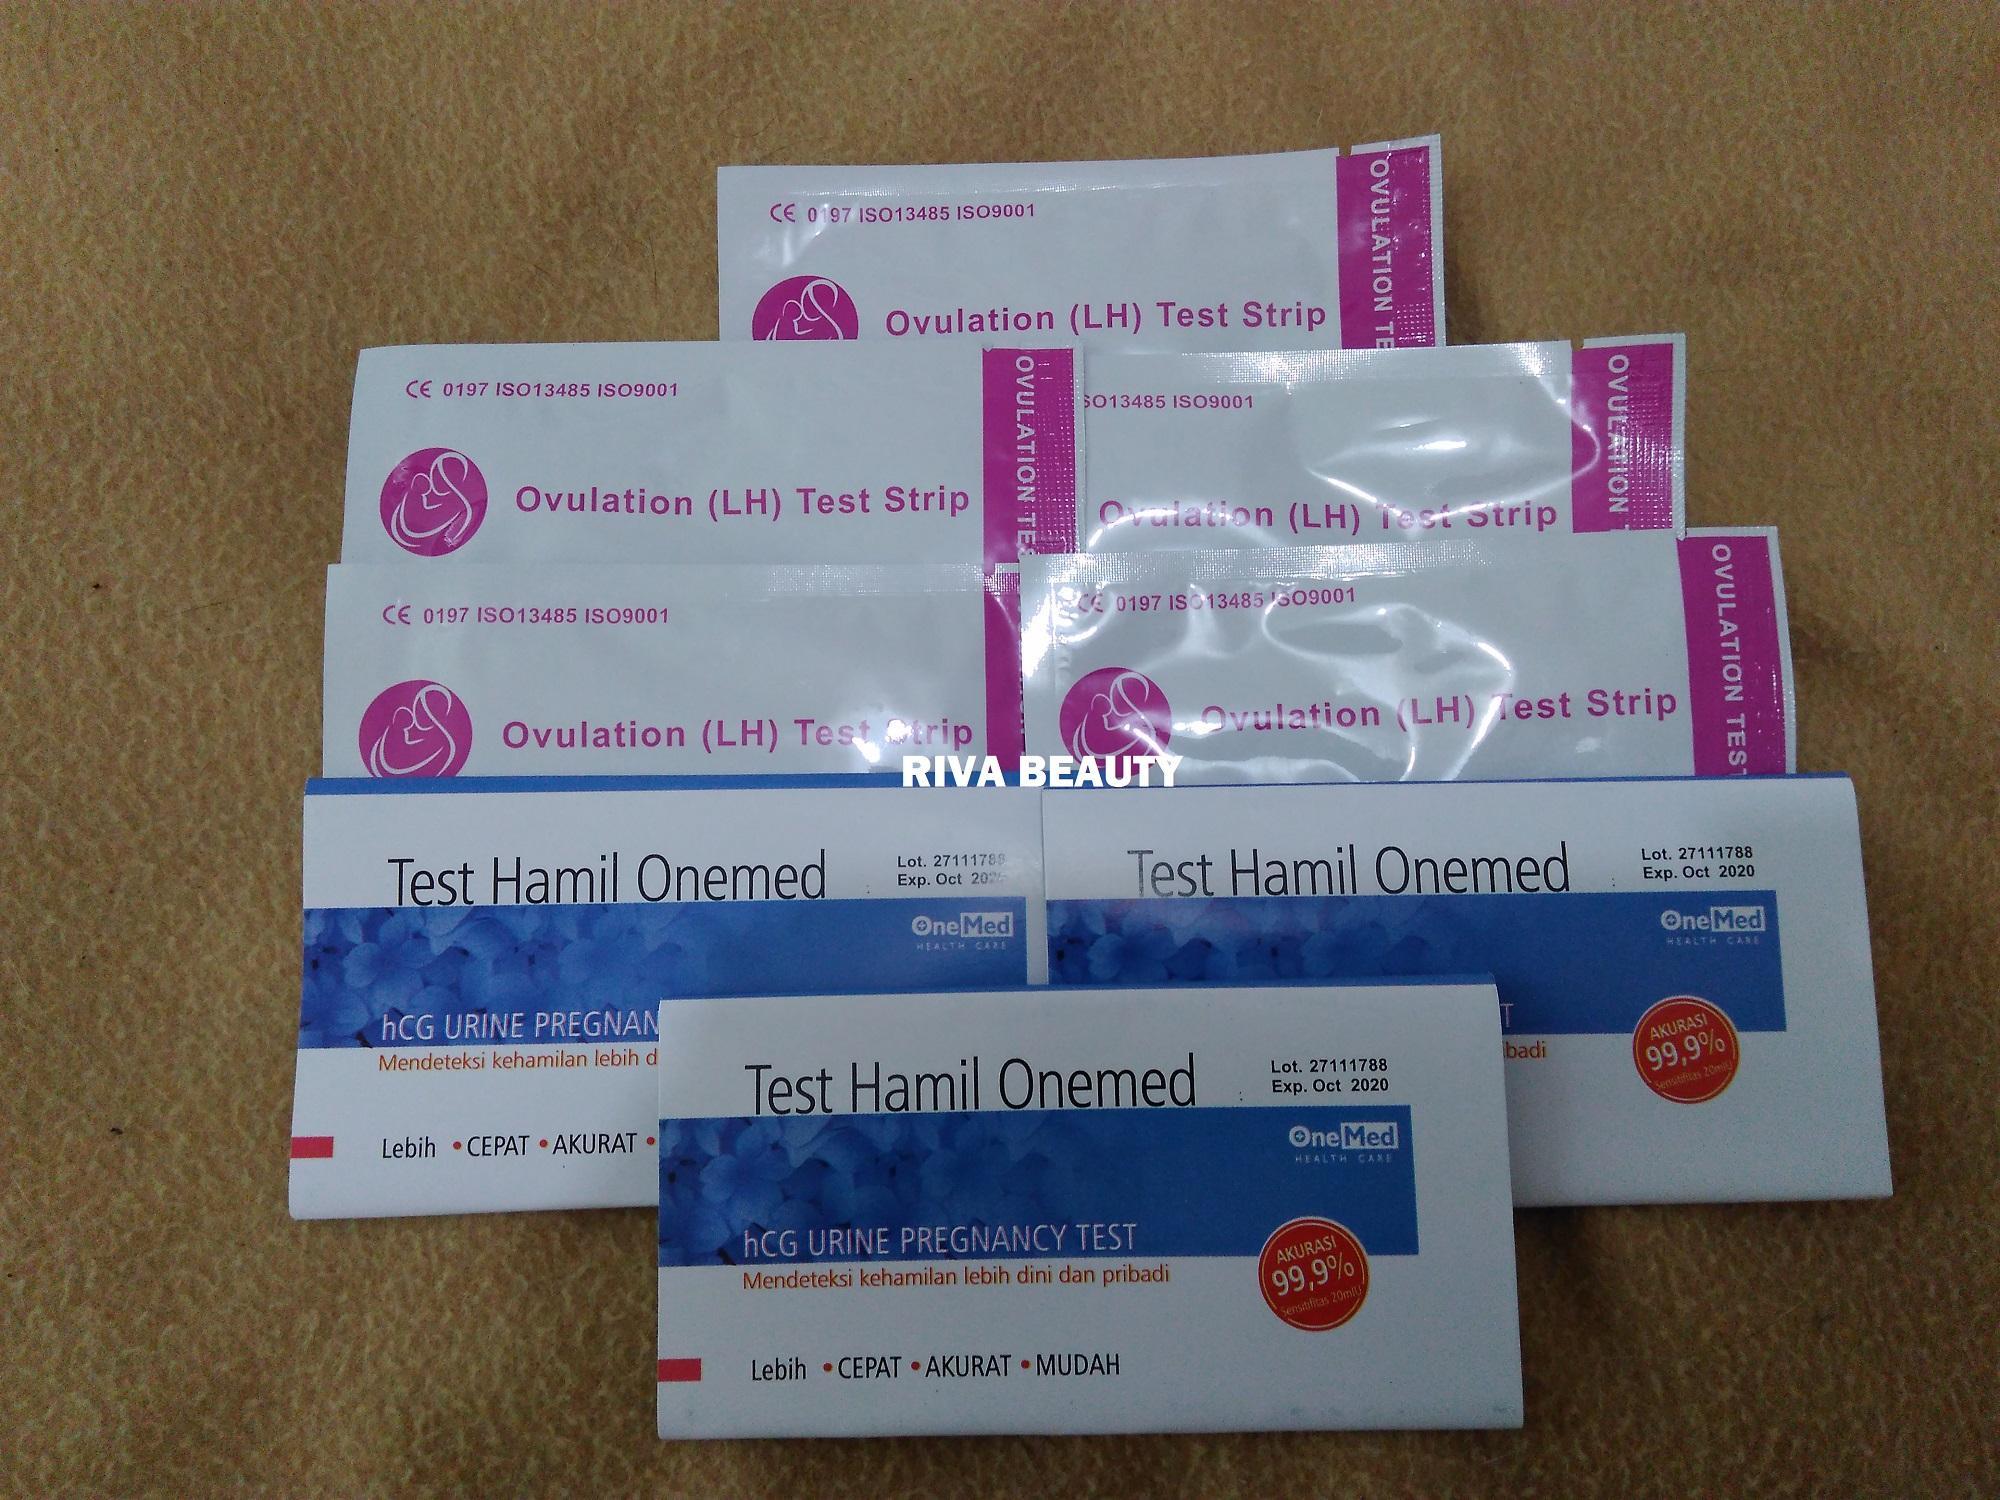 Buy Sell Cheapest Paket Promil Clearblue Best Quality Product Ahcn Obat Kesuburan Pria Wanita Untuk Program Hamil Cepat Punya Anak 5 Strip Alat Tes Lh Test Dan 3